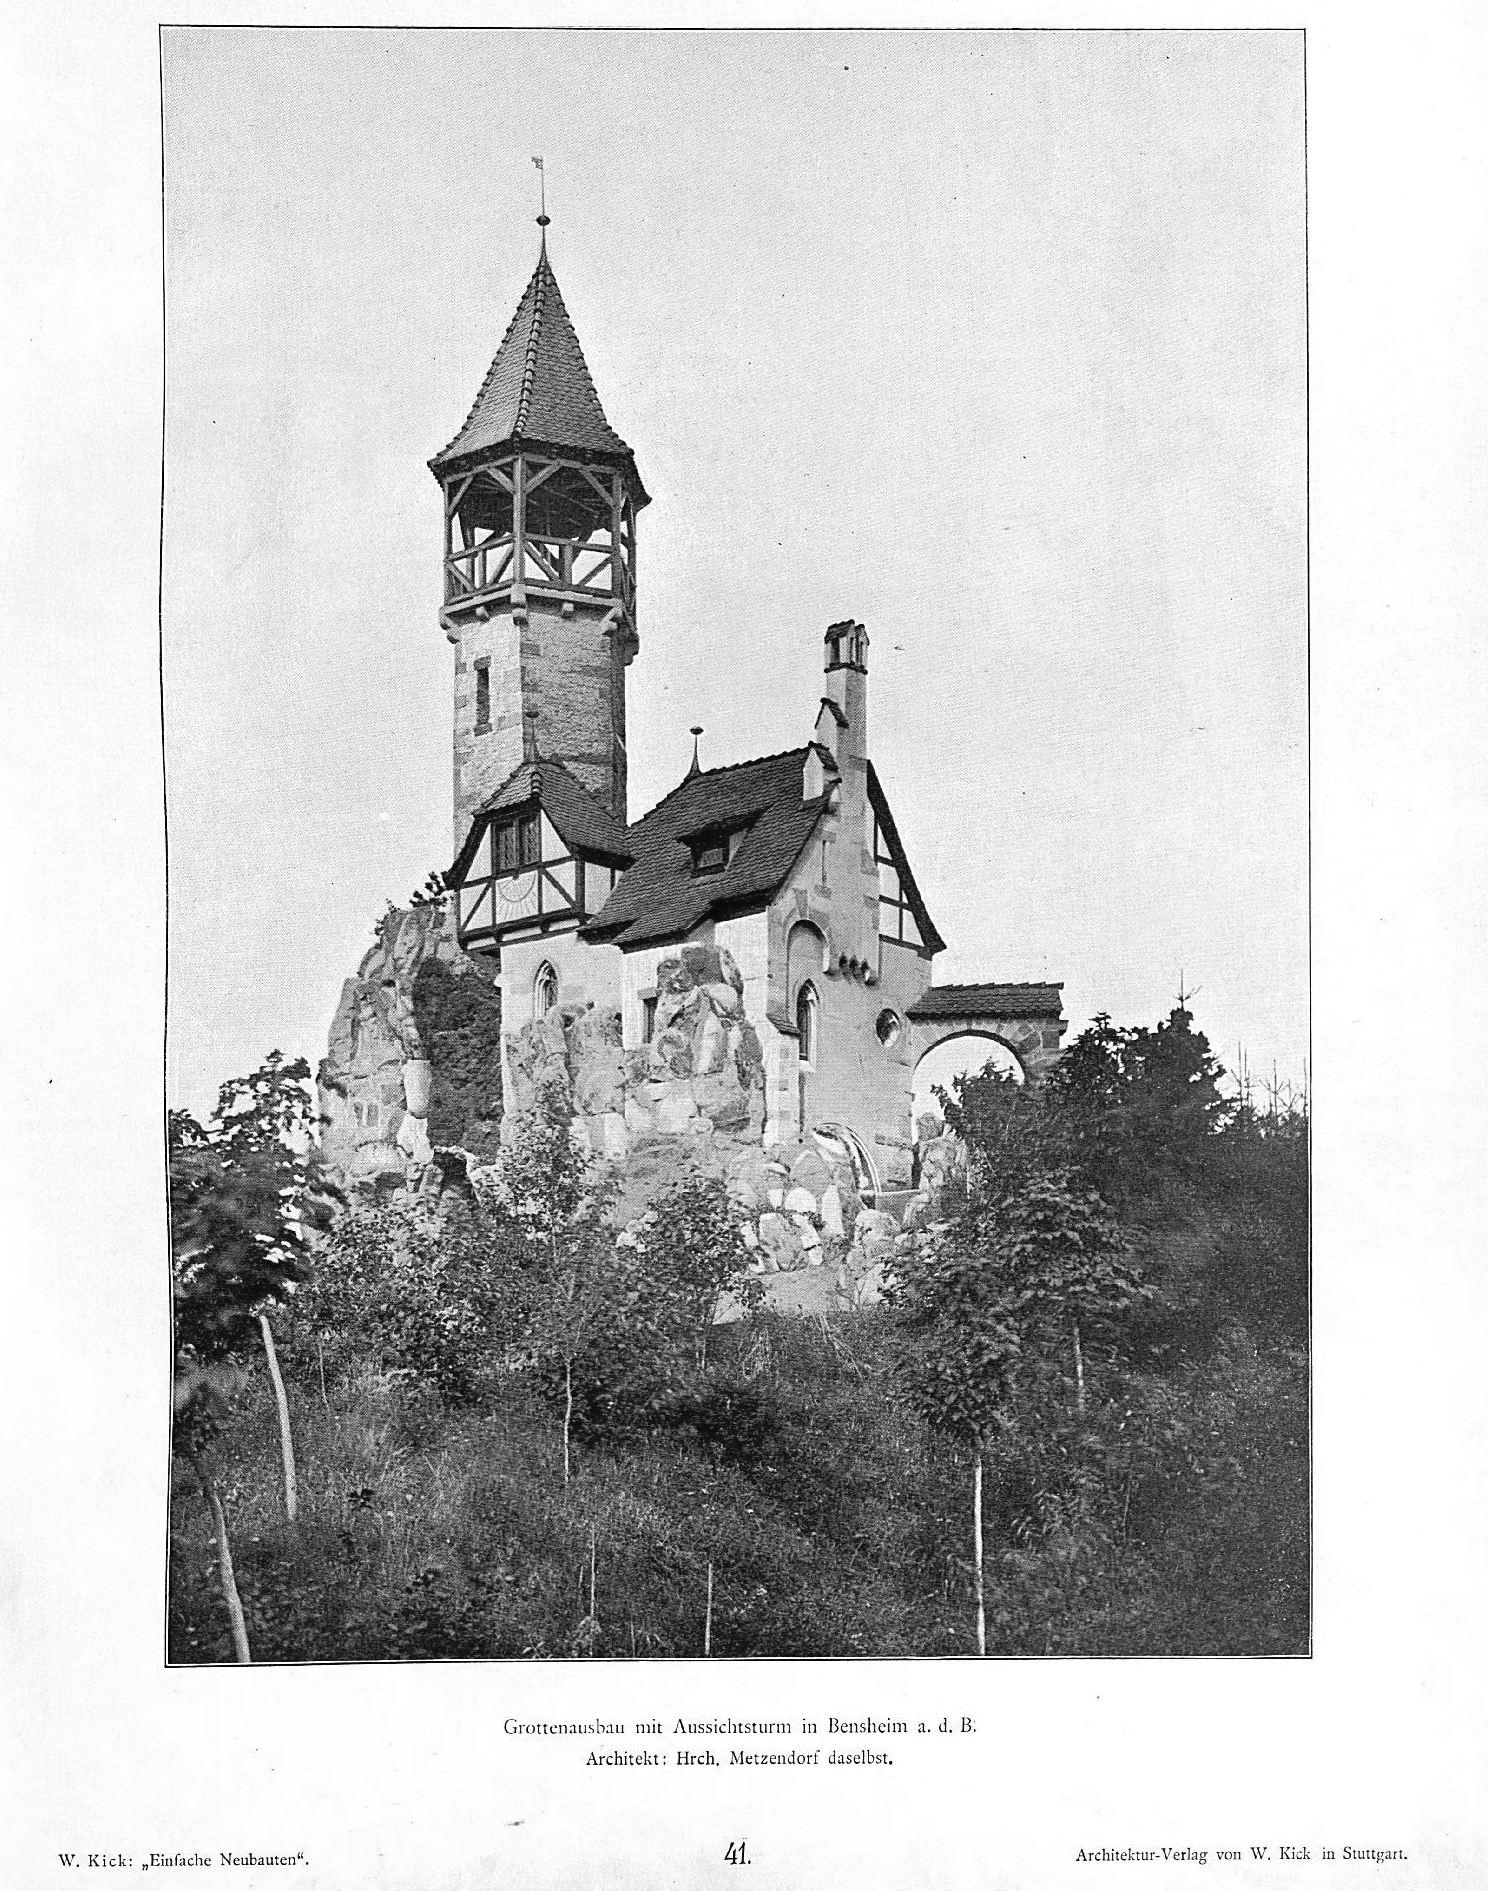 Architekt Bensheim file:wilhelm kick, einfache neubauten, stuttgart 1890, grottenausbau